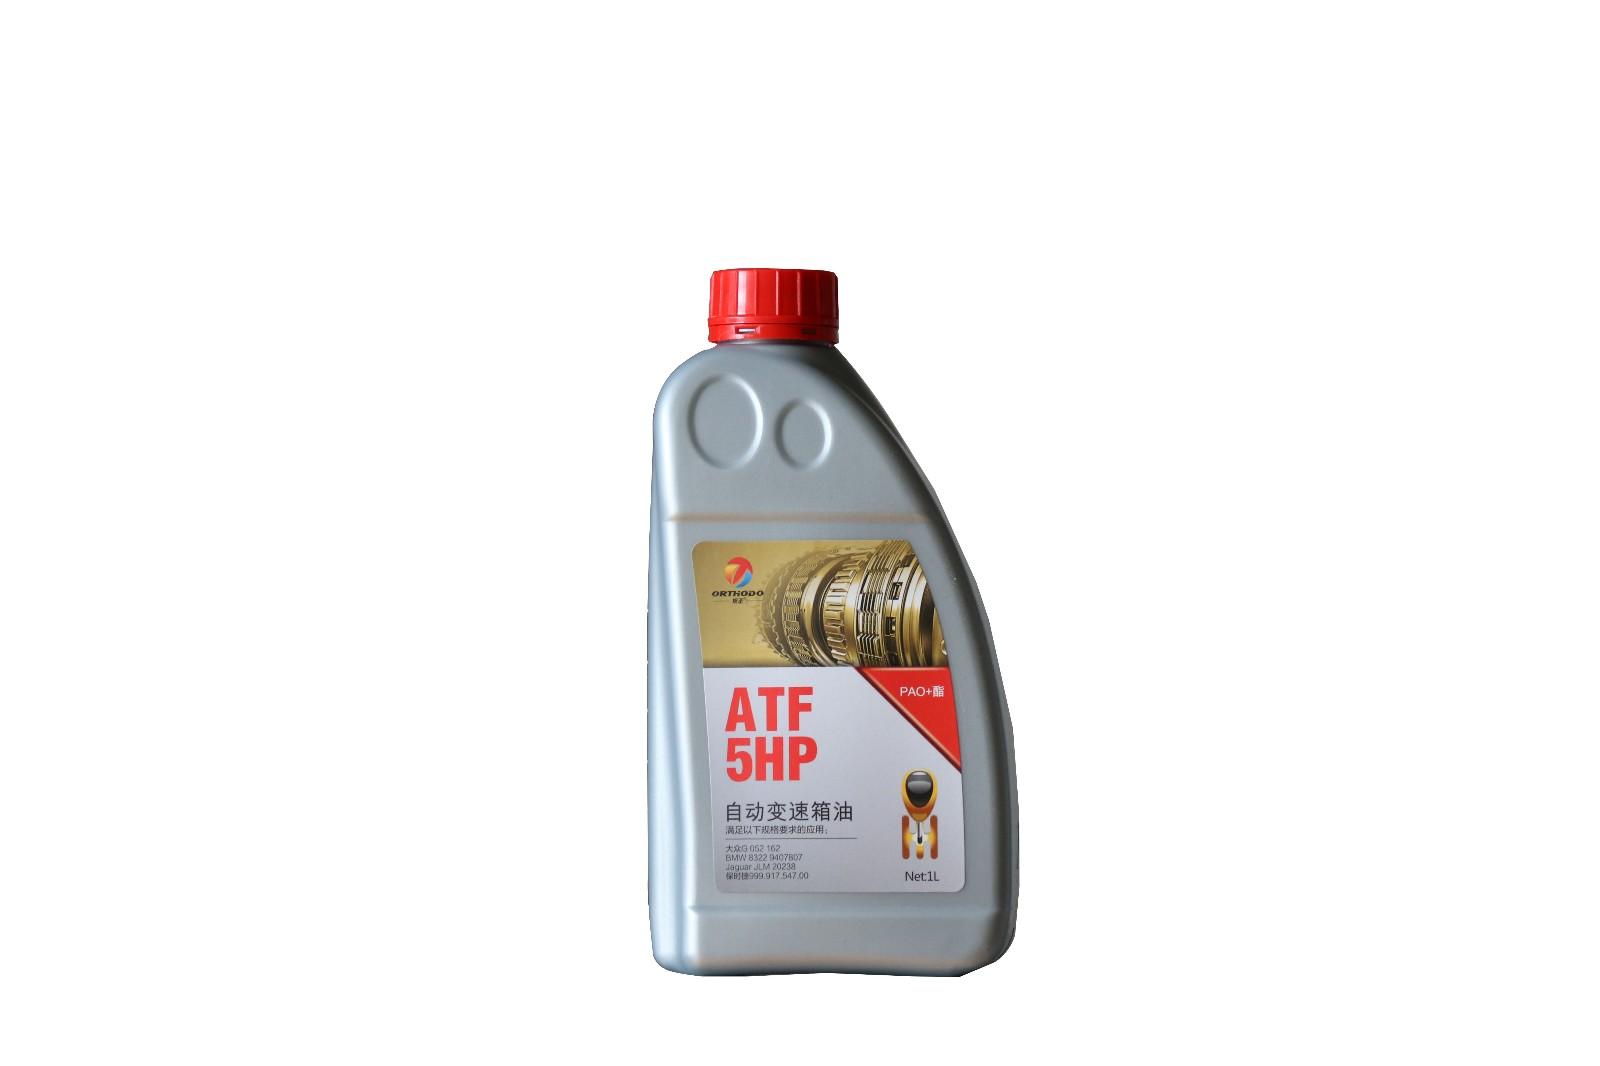 統正變速箱 ATF 5HP